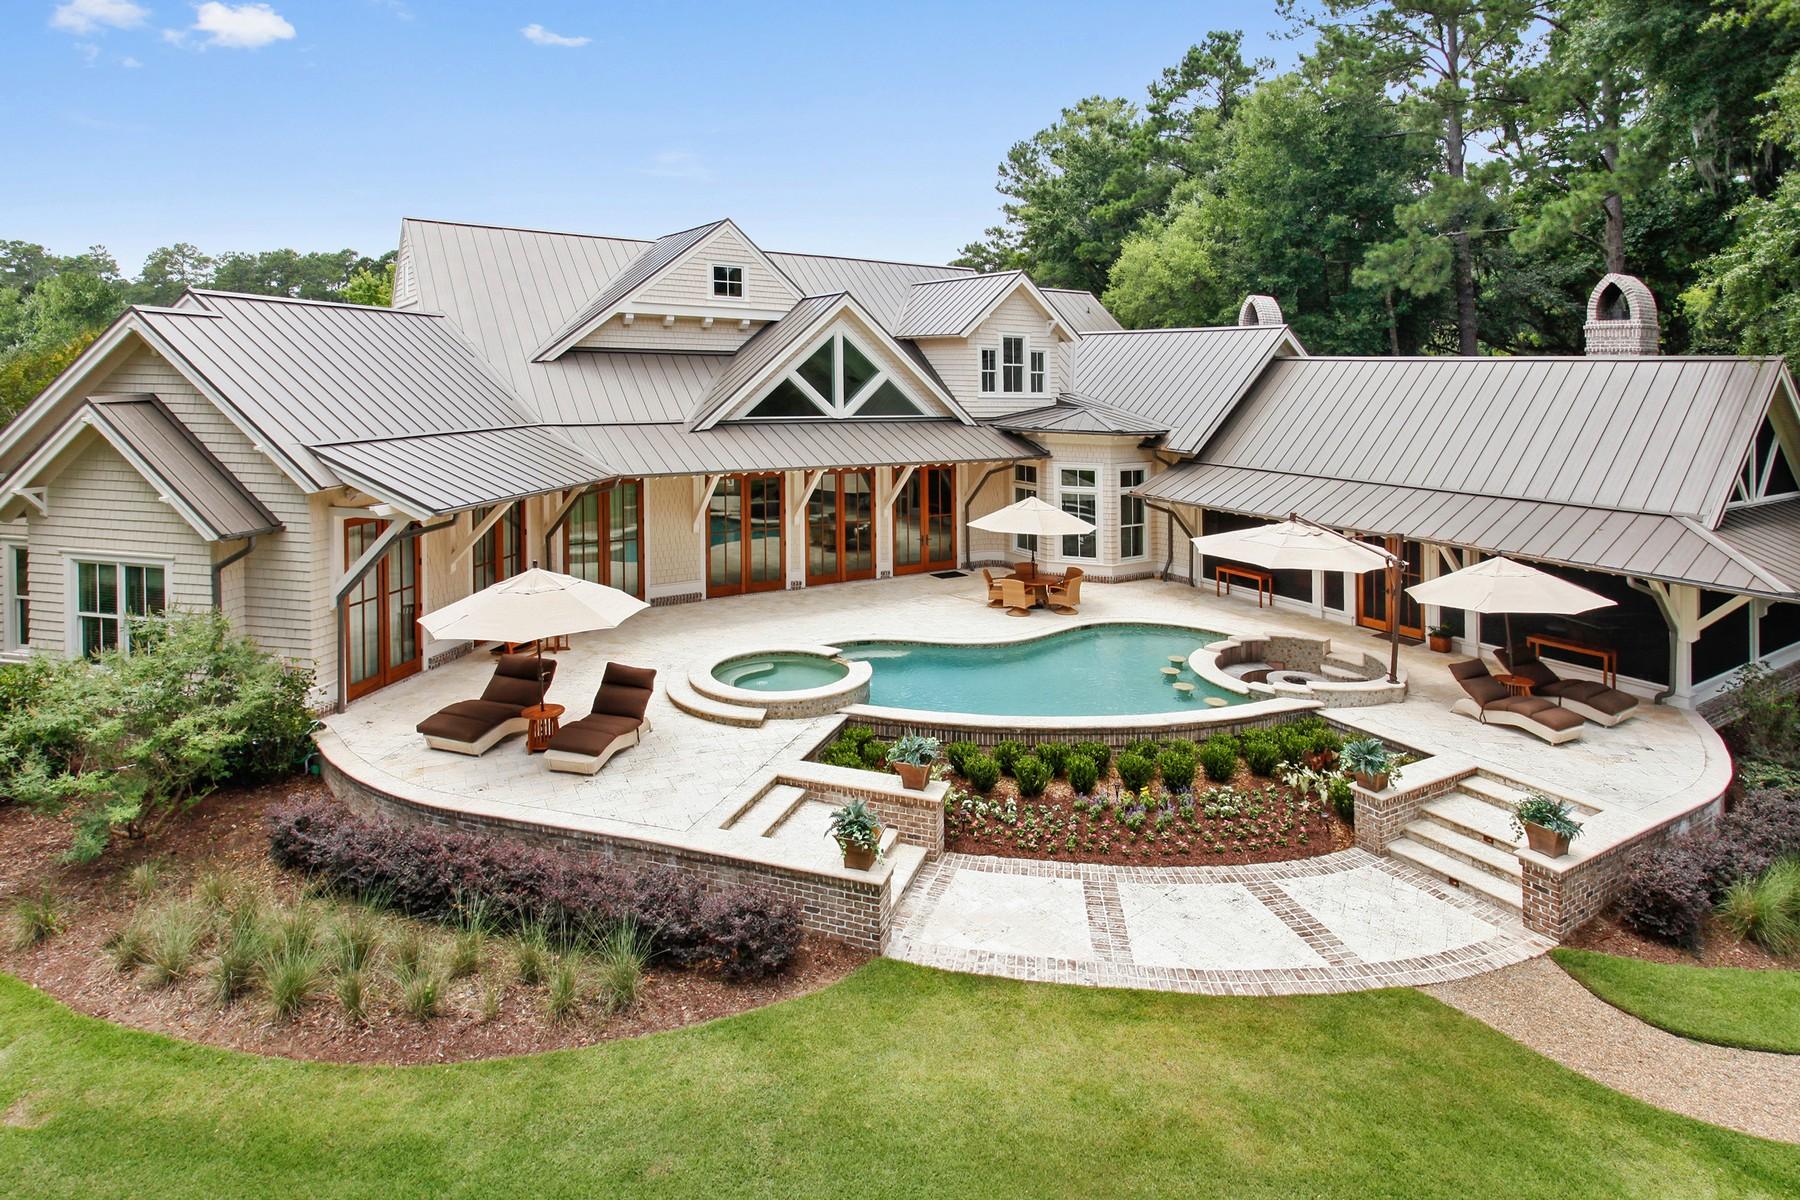 獨棟家庭住宅 為 出售 在 Palmetto Bluff 14 Anson Park Road East Palmetto Bluff, Bluffton, 南卡羅來納州, 29910 美國